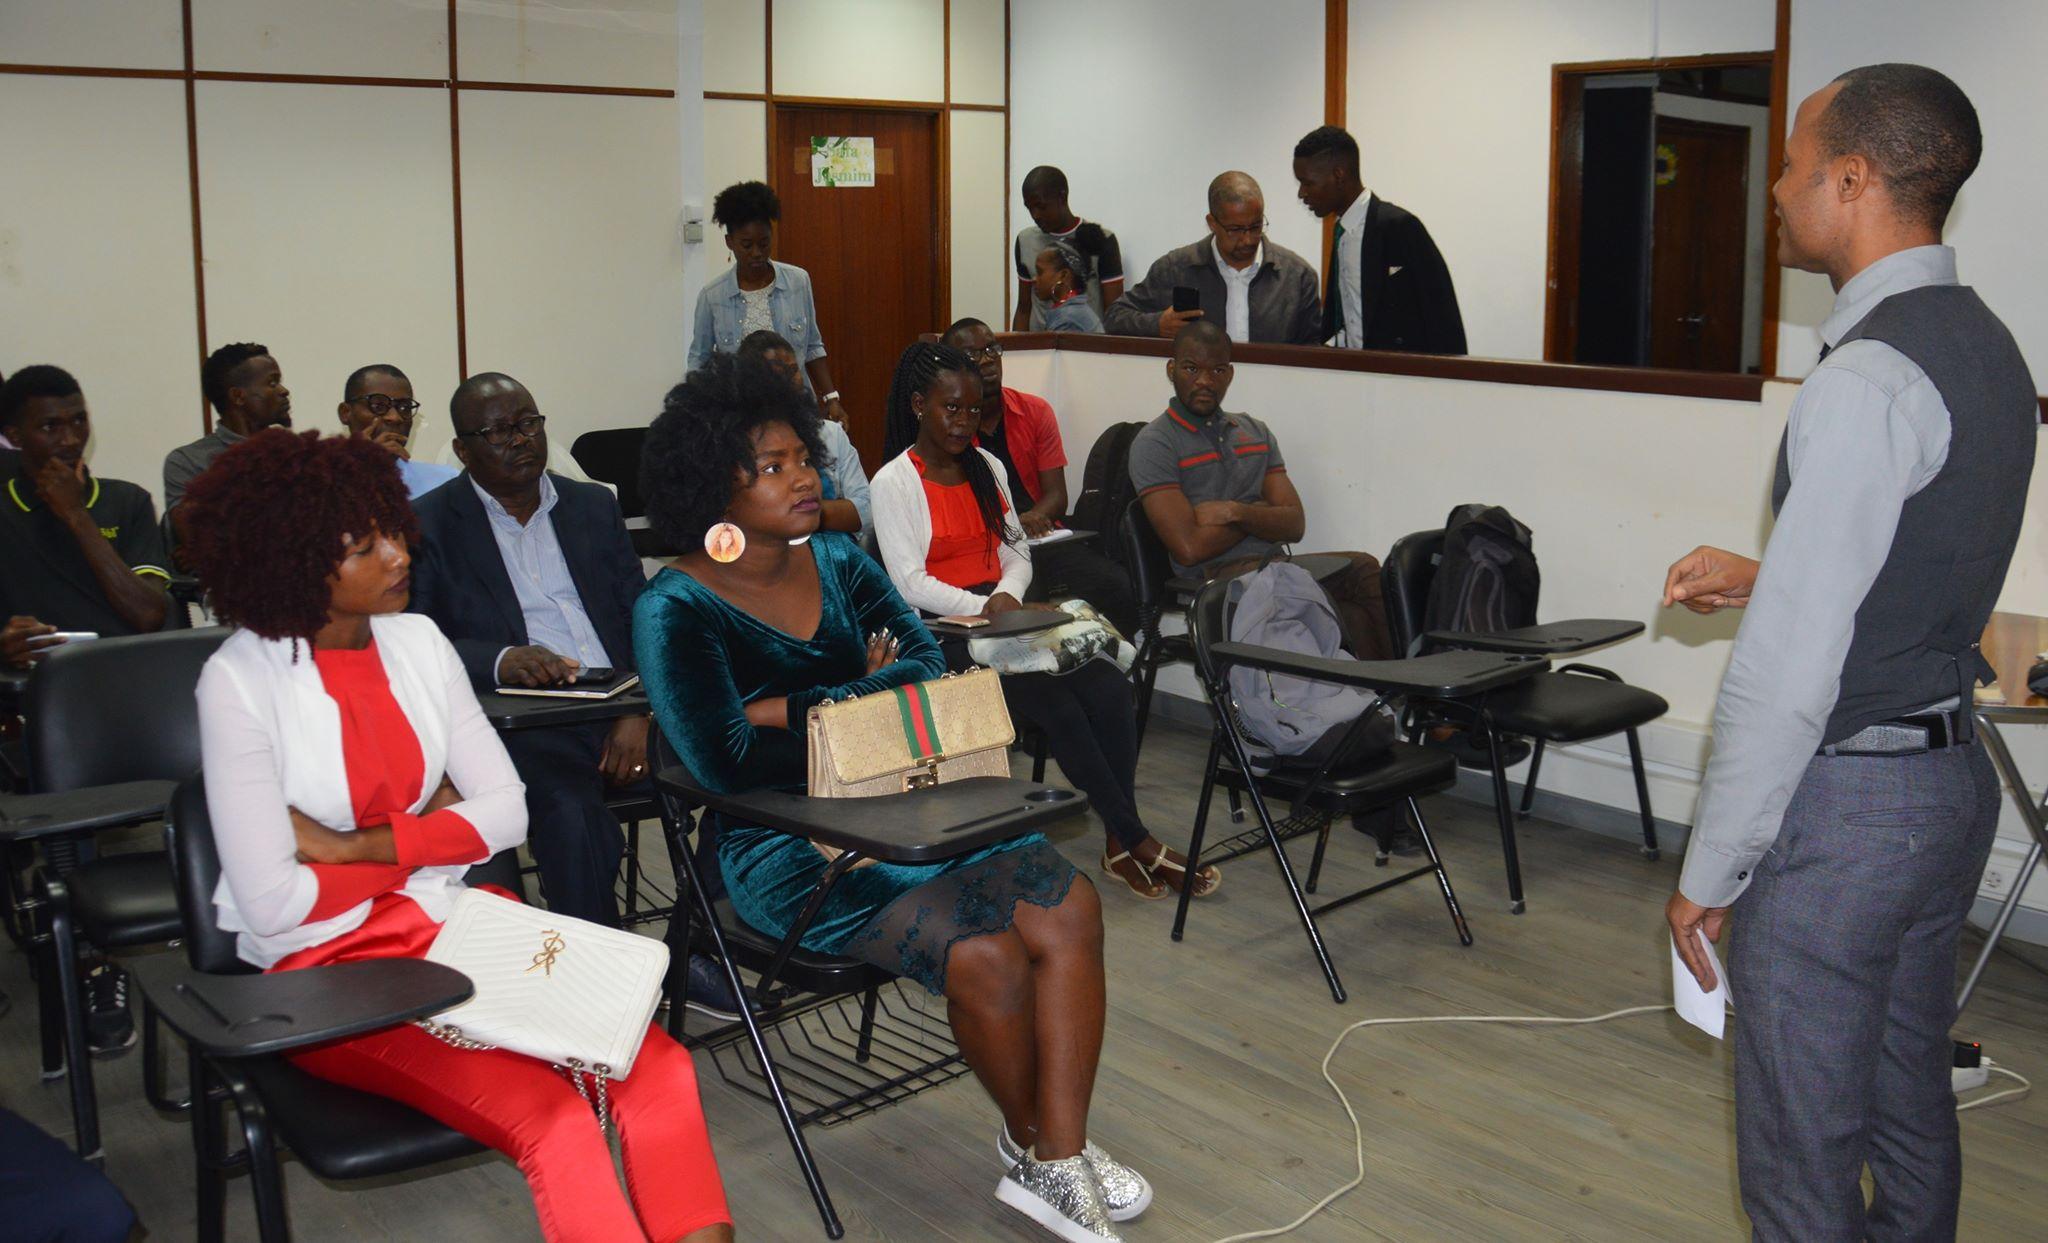 Workshop debaterá sobre oratória e relações públicas empresariais neste sábado